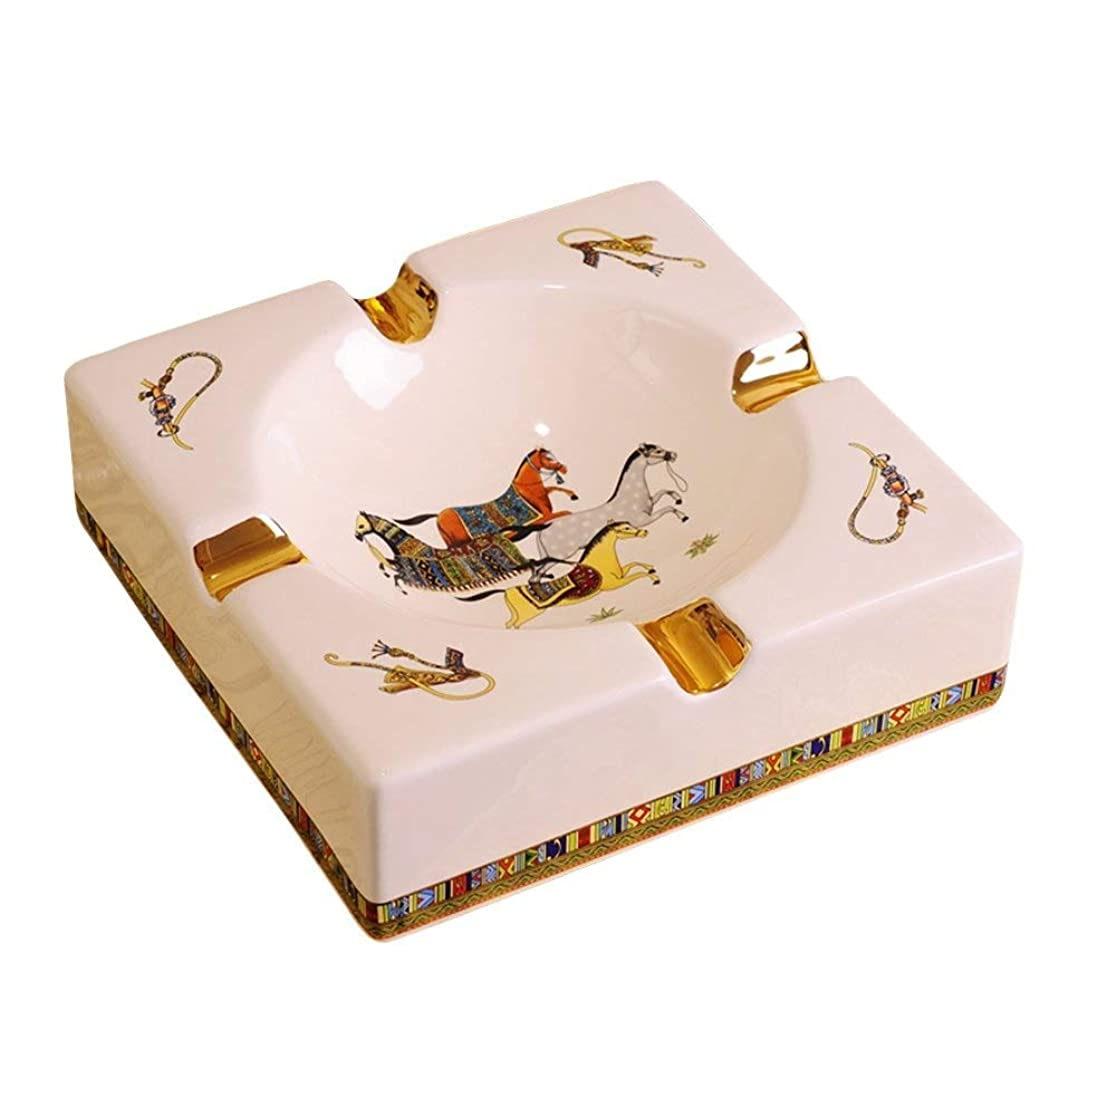 影のある返還邪魔する4溝馬のパターンデスクトップで豪華ヨーロッパスタイルの葉巻灰皿屋内屋外のエレガントなホームデコレーション用の灰皿喫煙